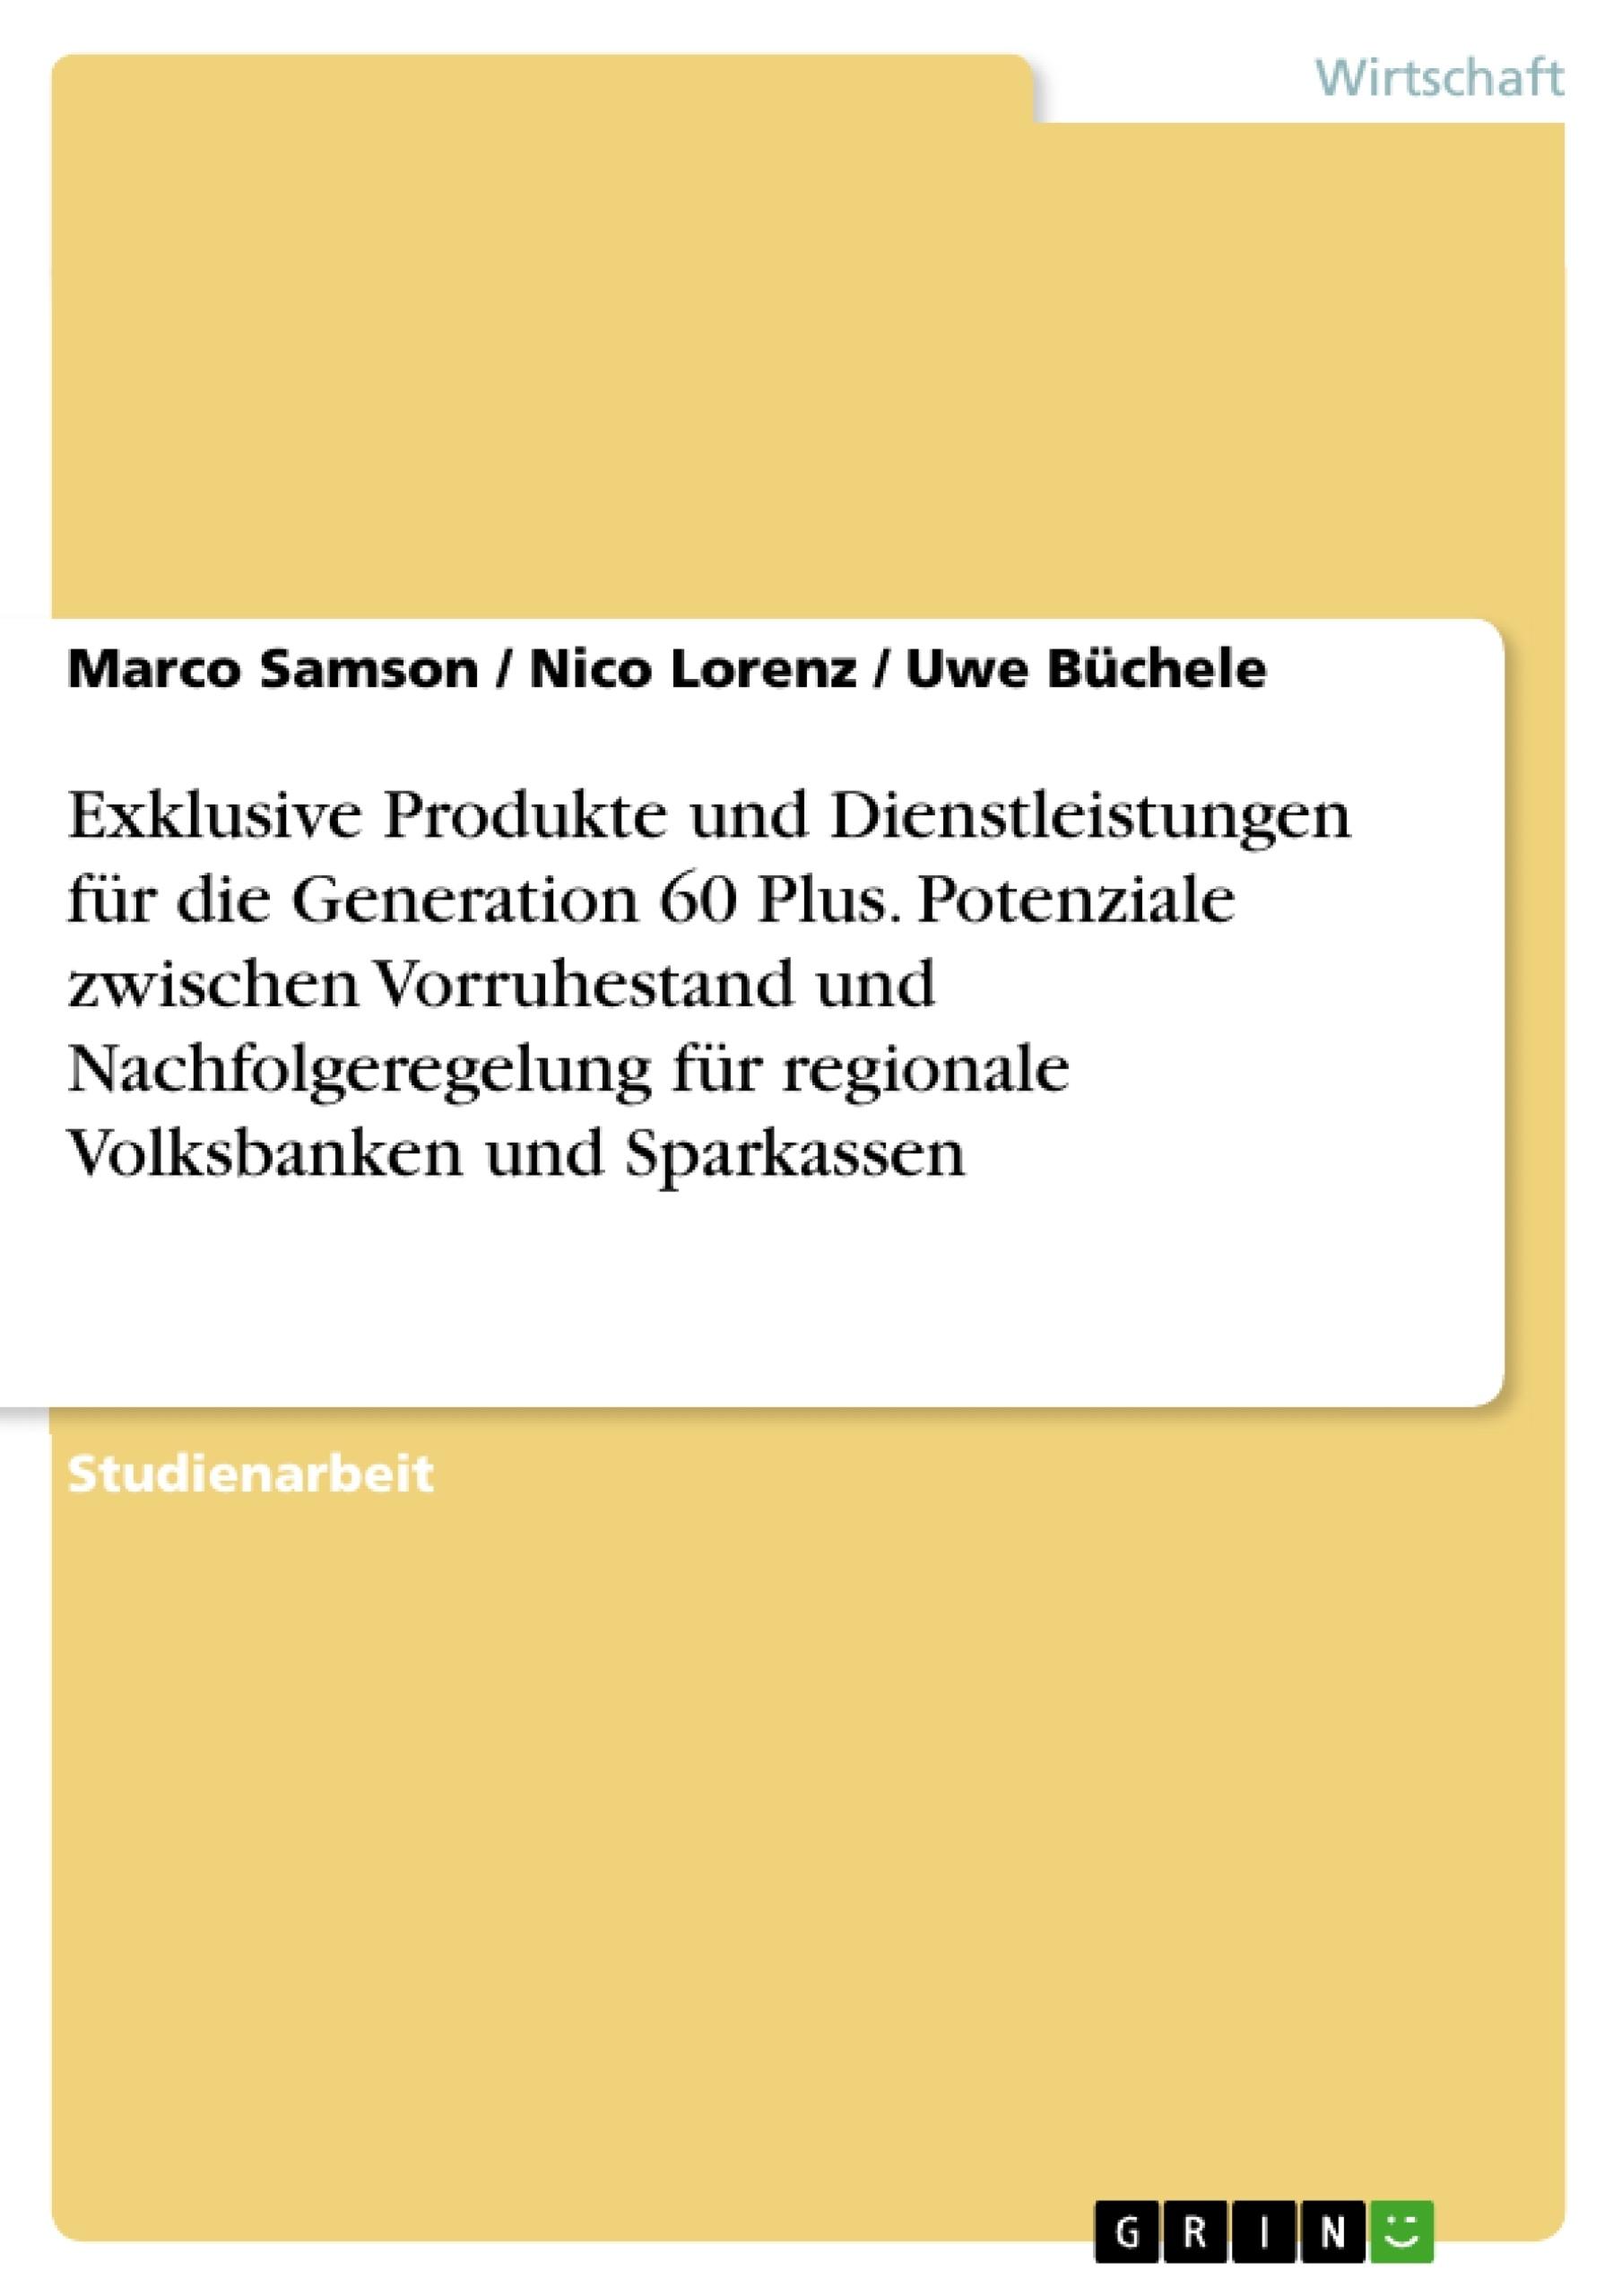 Titel: Exklusive Produkte und Dienstleistungen für die  Generation 60 Plus. Potenziale zwischen Vorruhestand und Nachfolgeregelung für regionale Volksbanken und Sparkassen